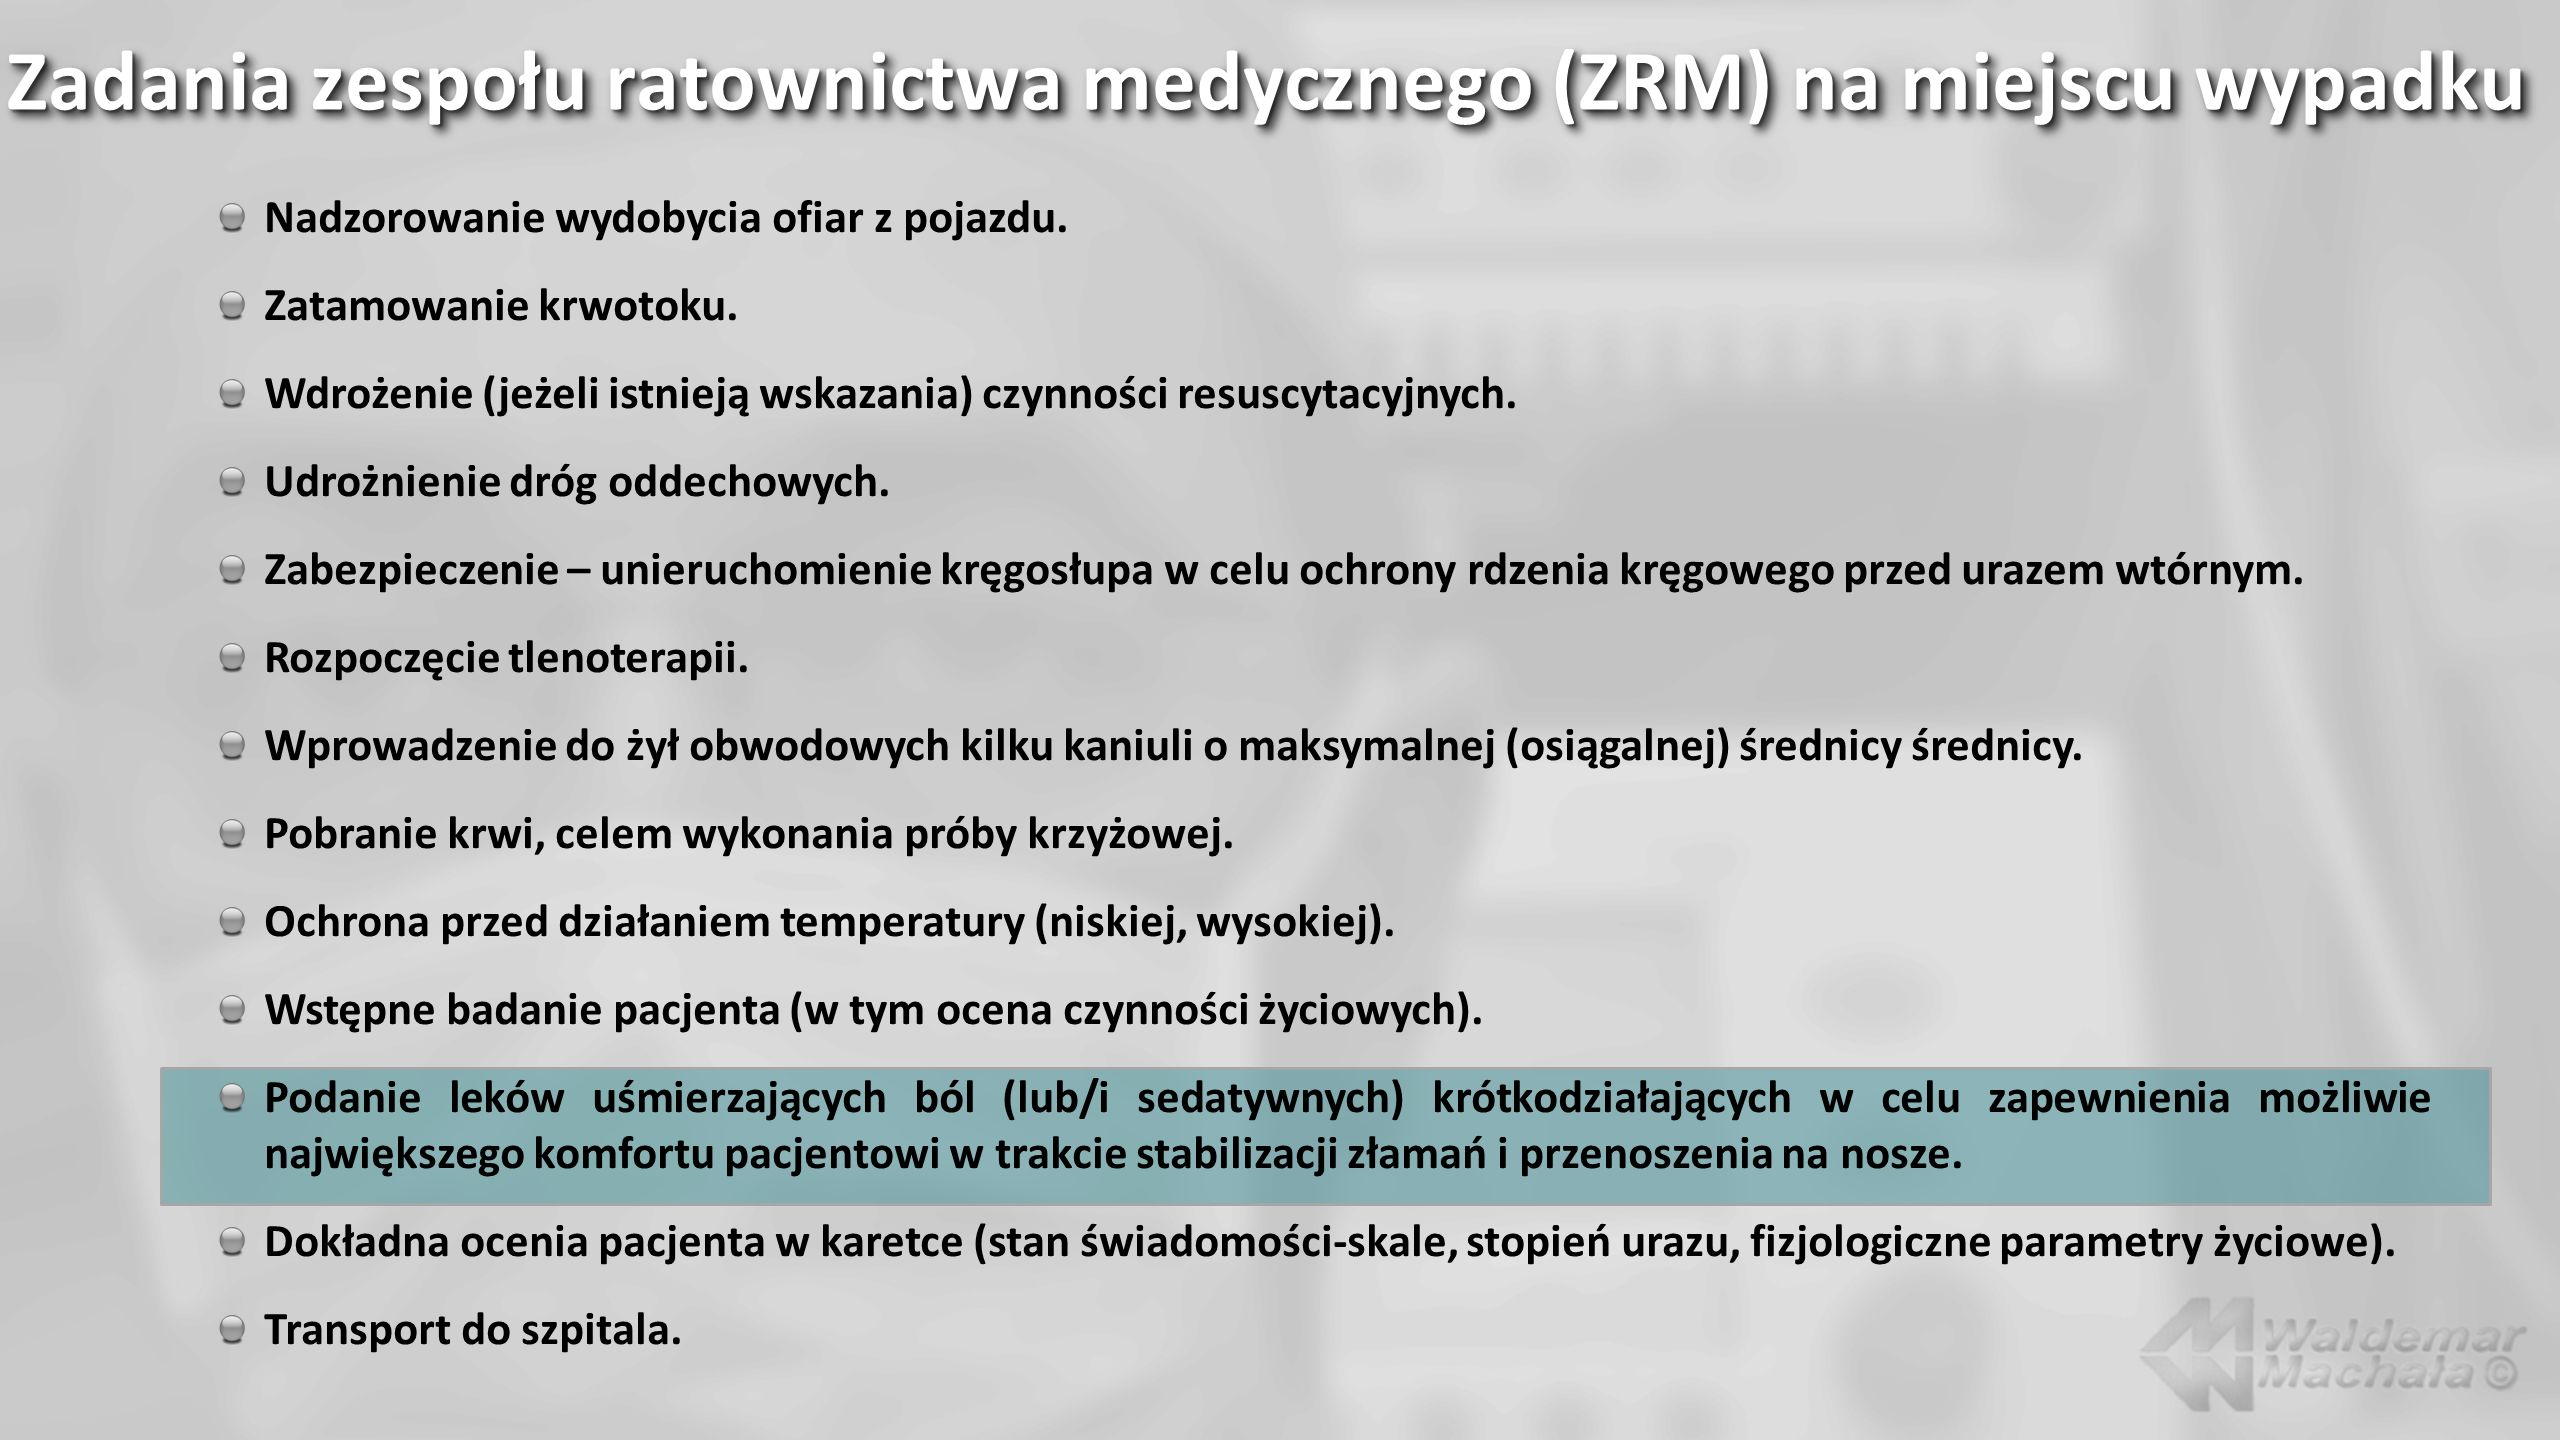 Zadania zespołu ratownictwa medycznego (ZRM) na miejscu wypadku Nadzorowanie wydobycia ofiar z pojazdu. Zatamowanie krwotoku. Wdrożenie (jeżeli istnie